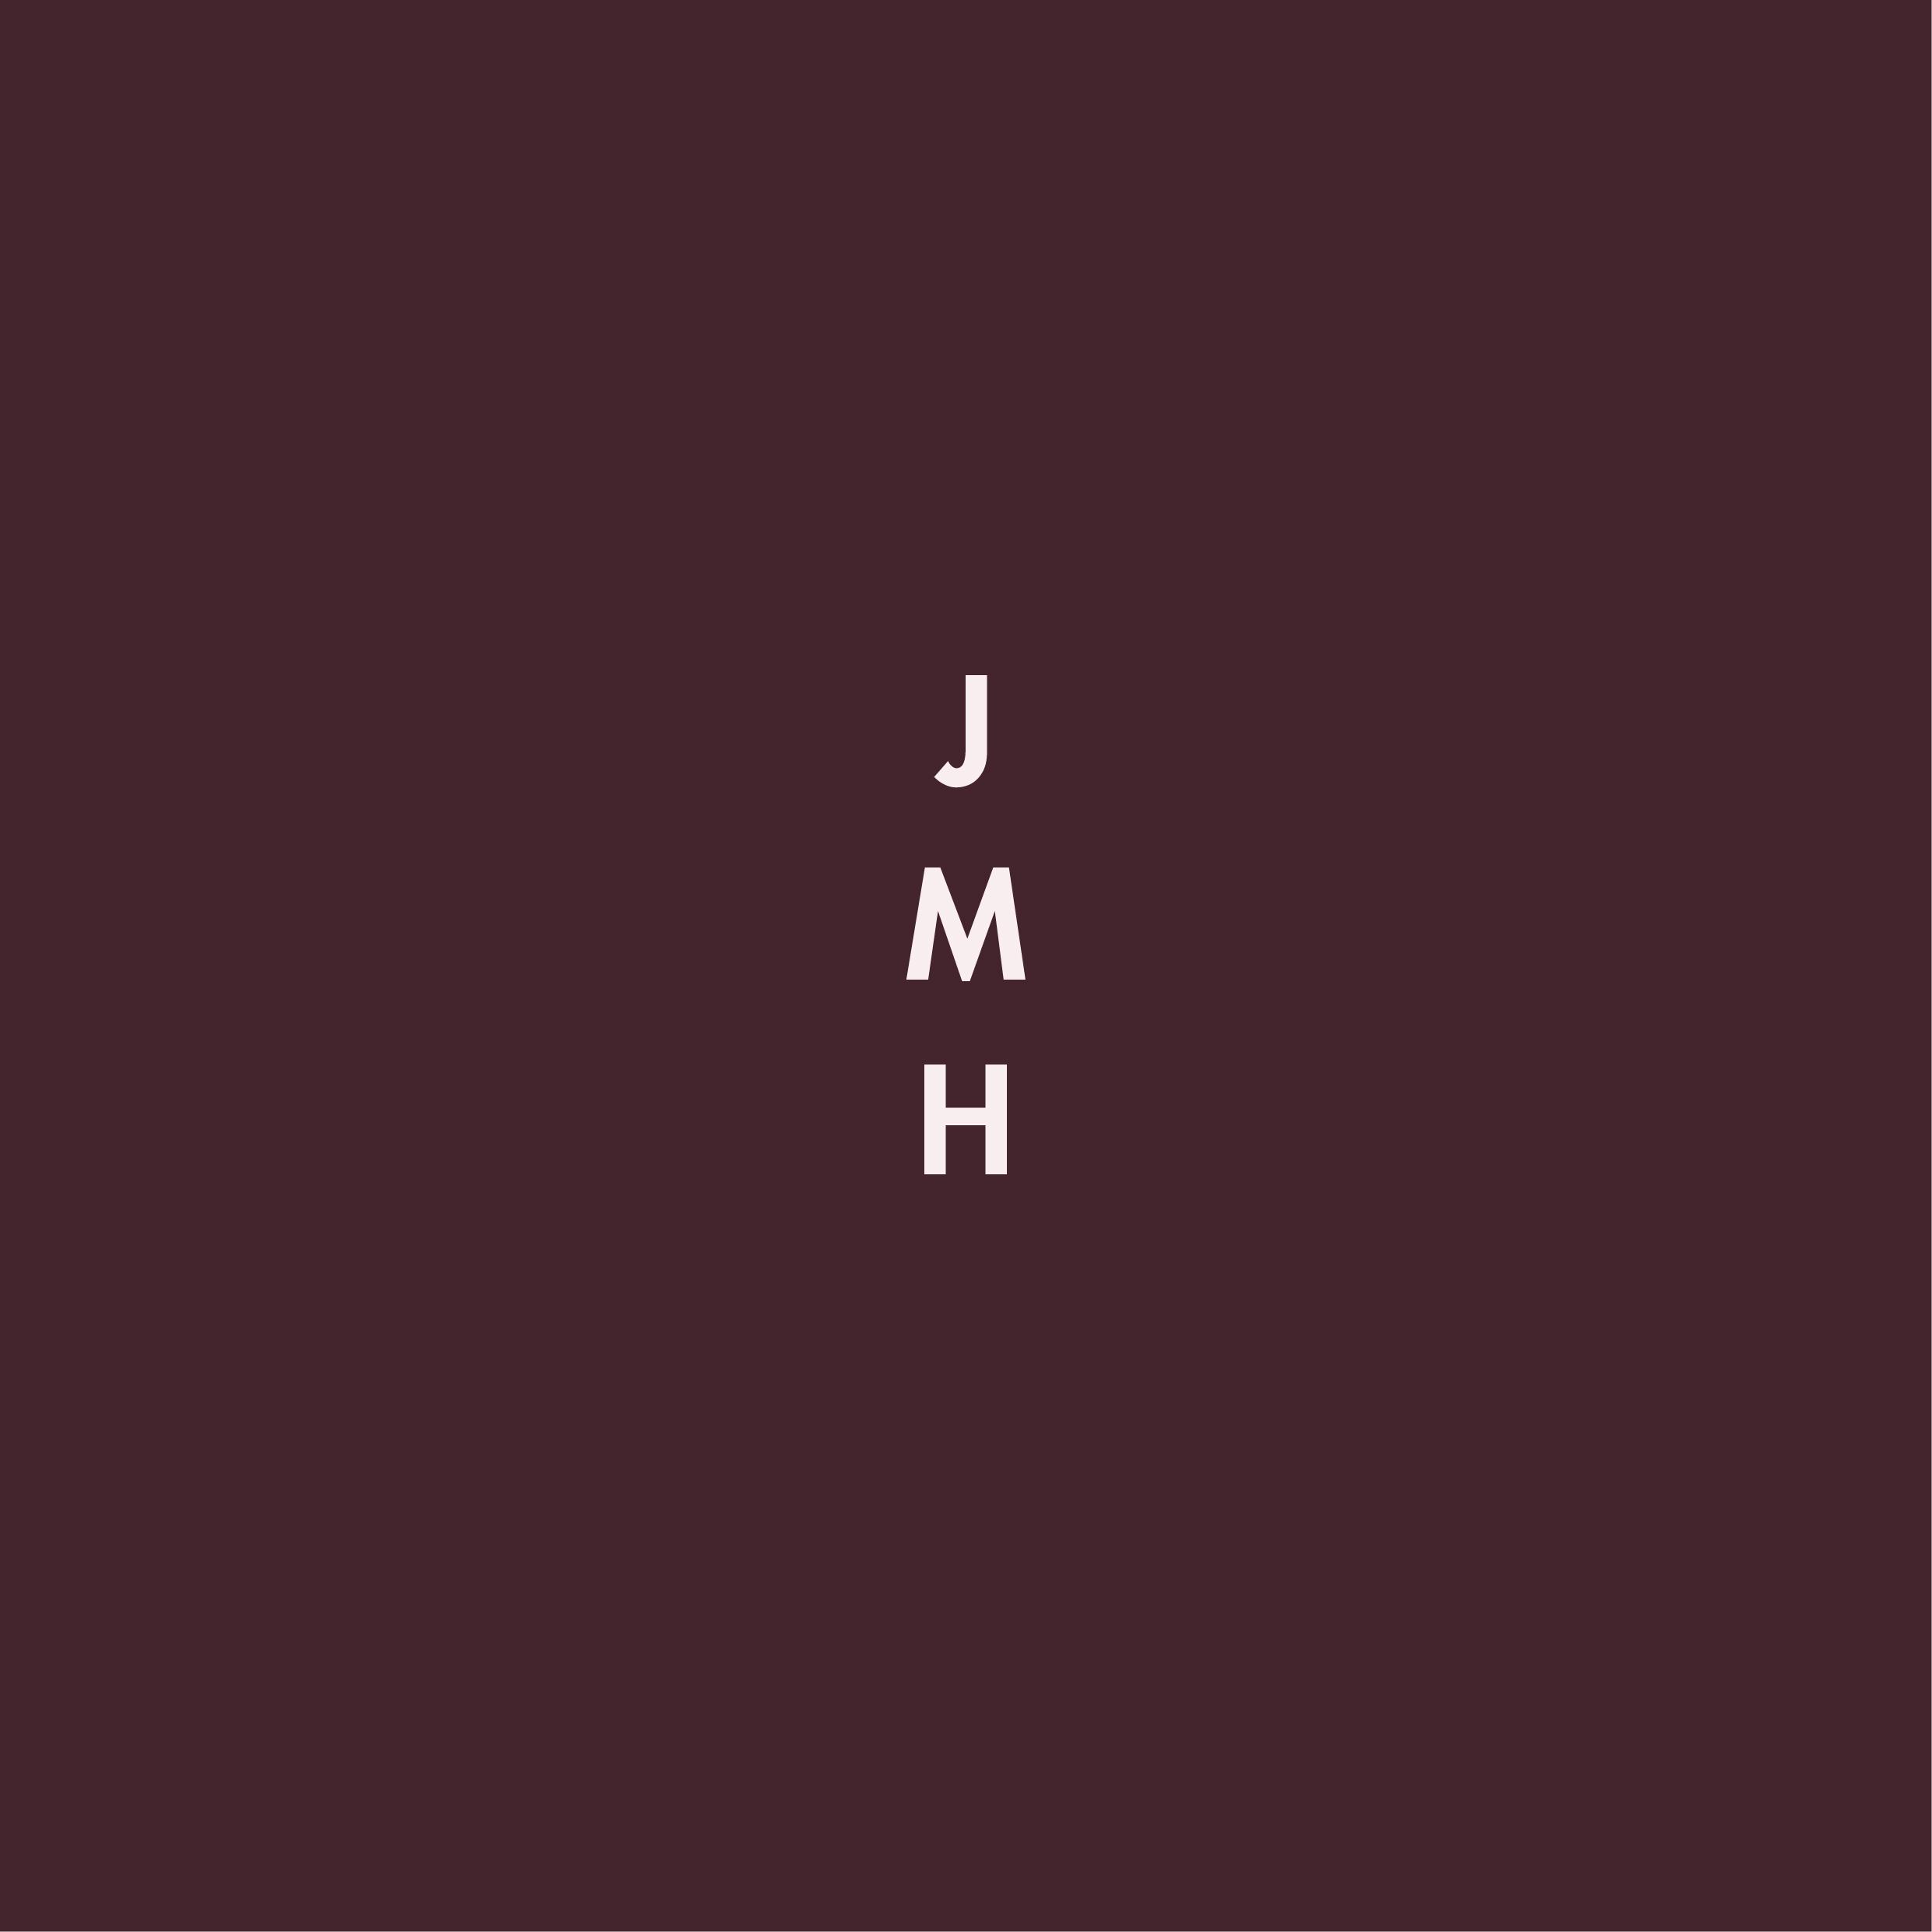 JMH-idea-3-01.jpg